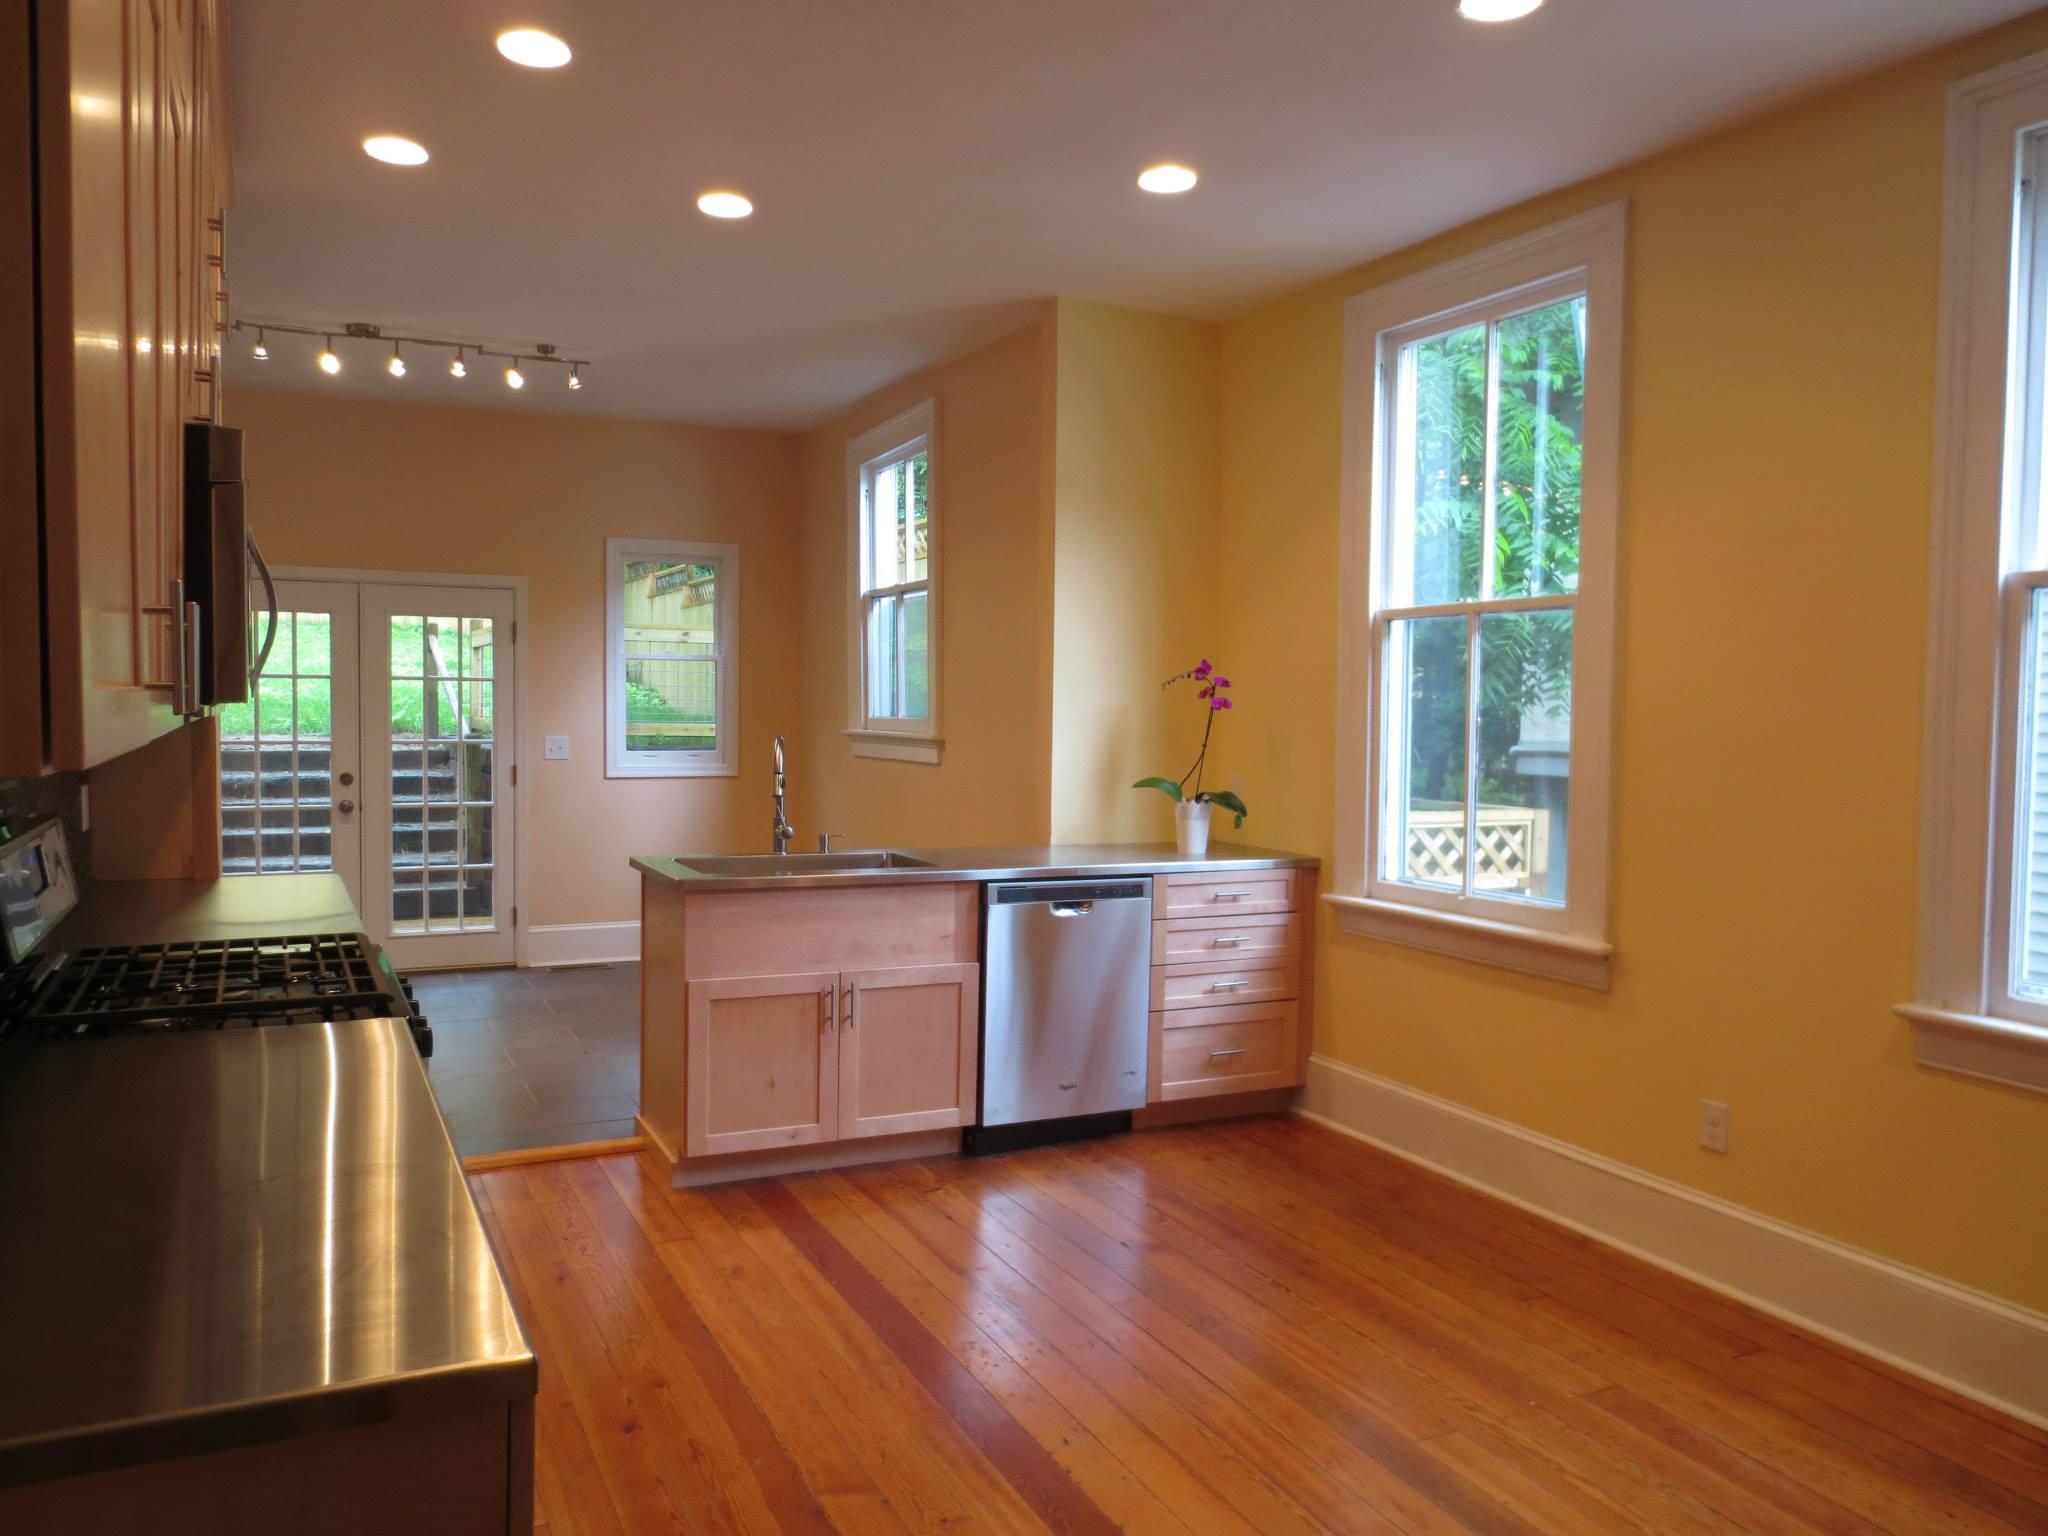 619 frederick st after renovation - kitchen